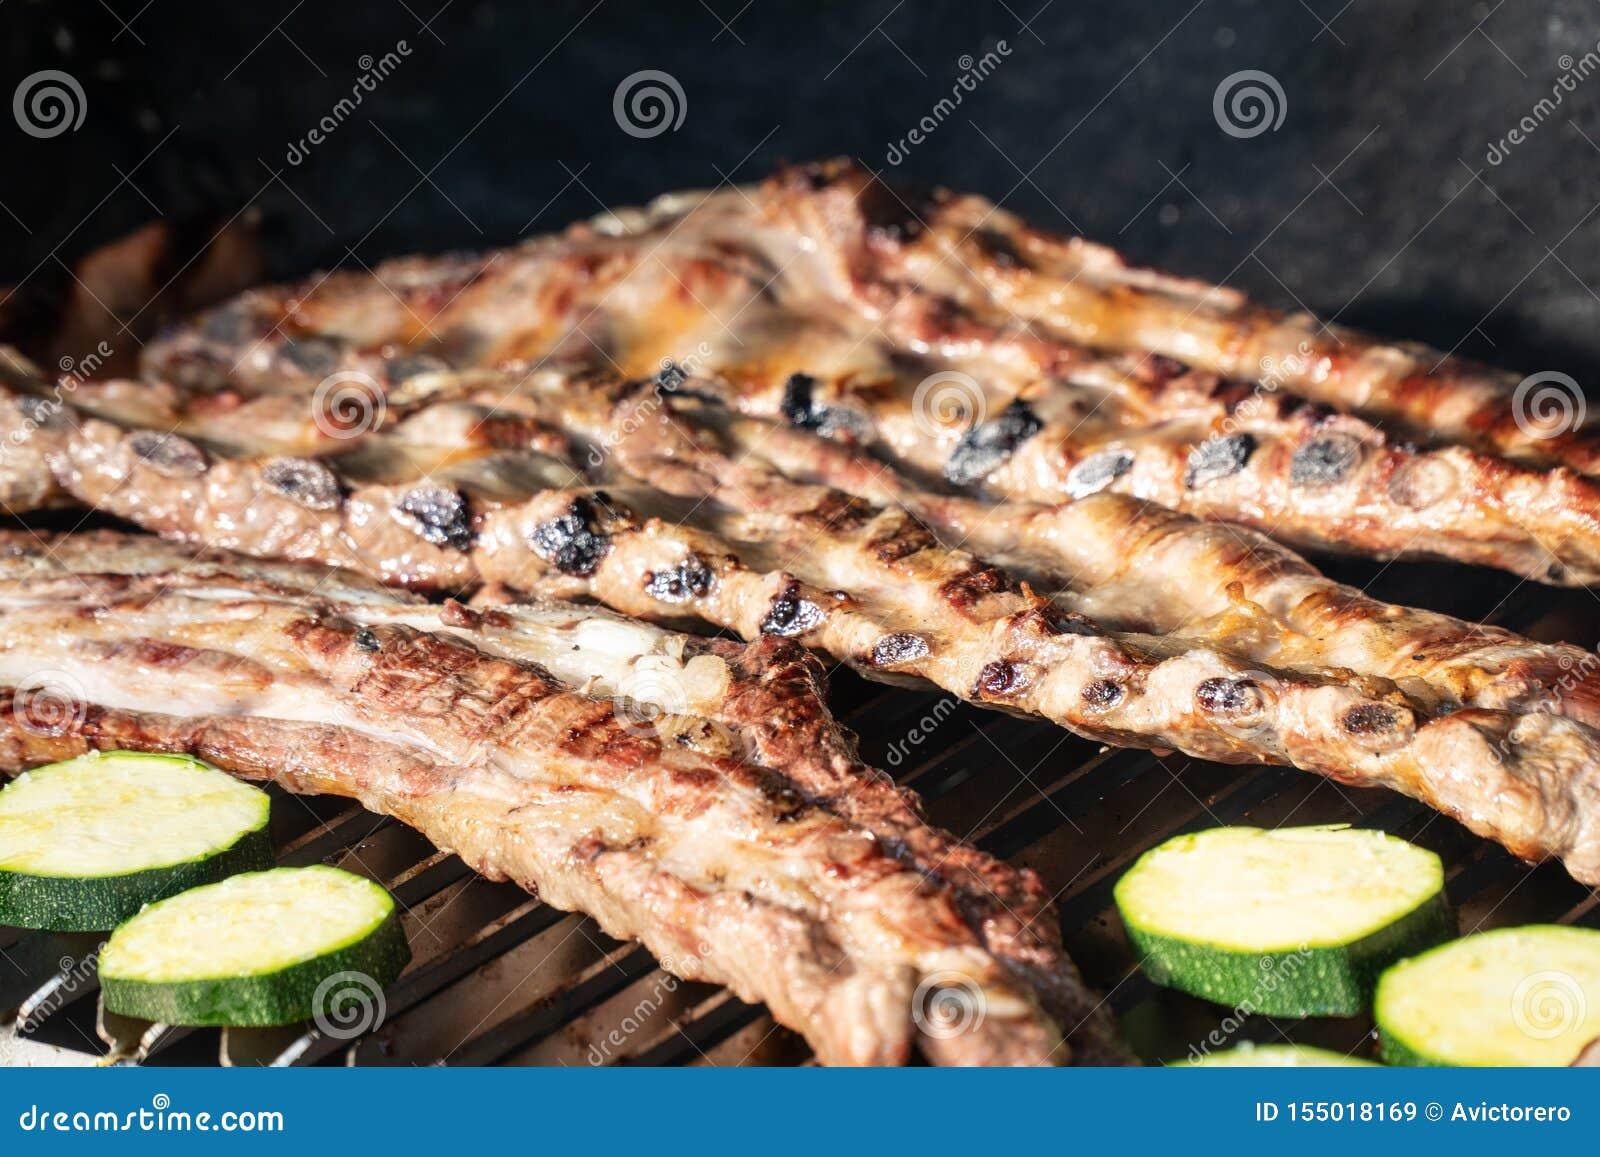 与烤排骨的烤肉格栅